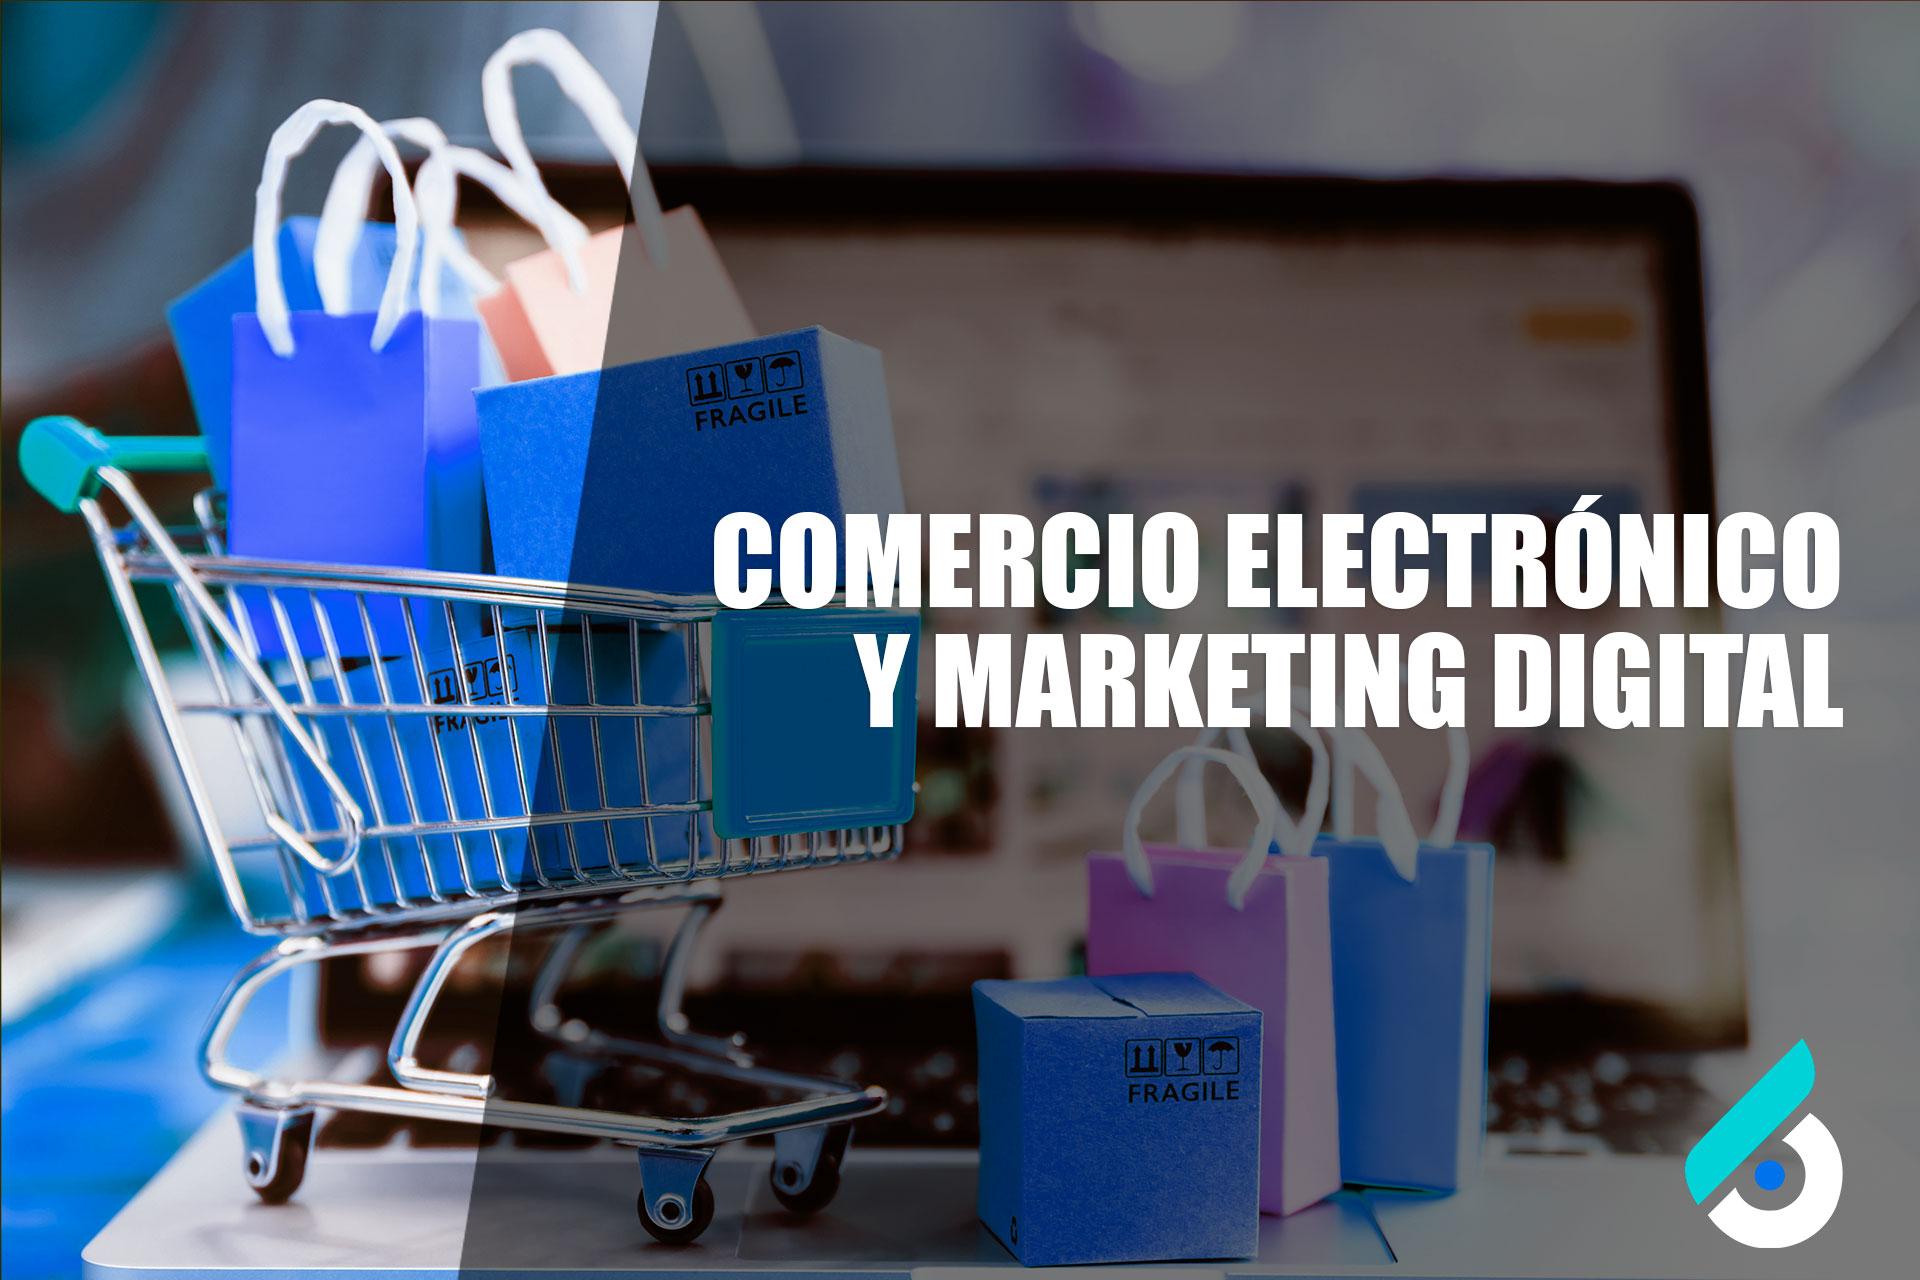 BOTIC-PROFO-19-07-13-0022 | Comercio Electrónico y Marketing Digital